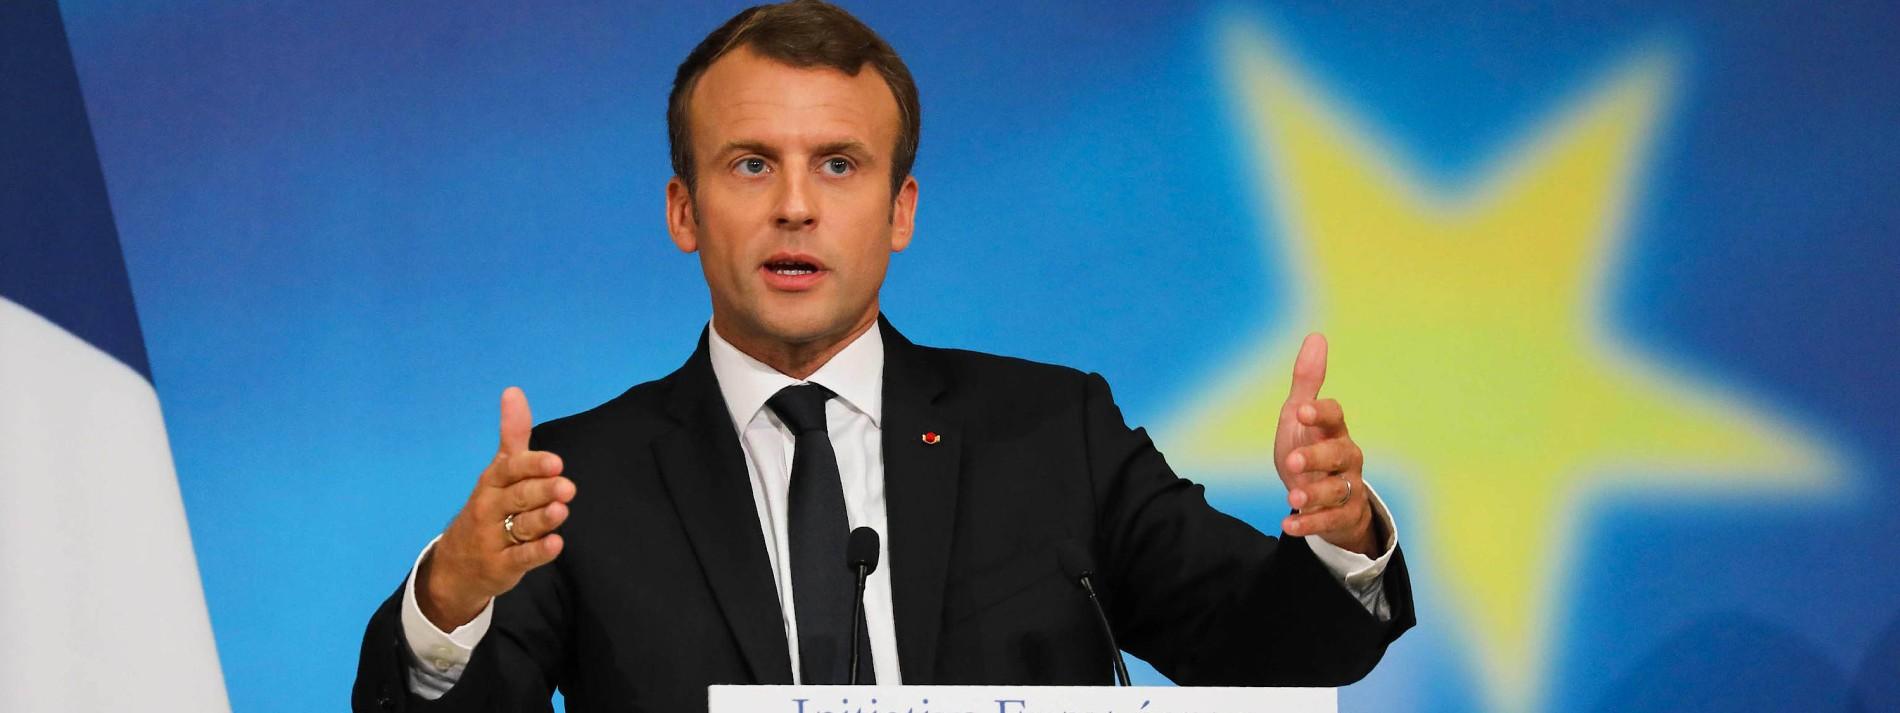 Eine große Bühne für Macron